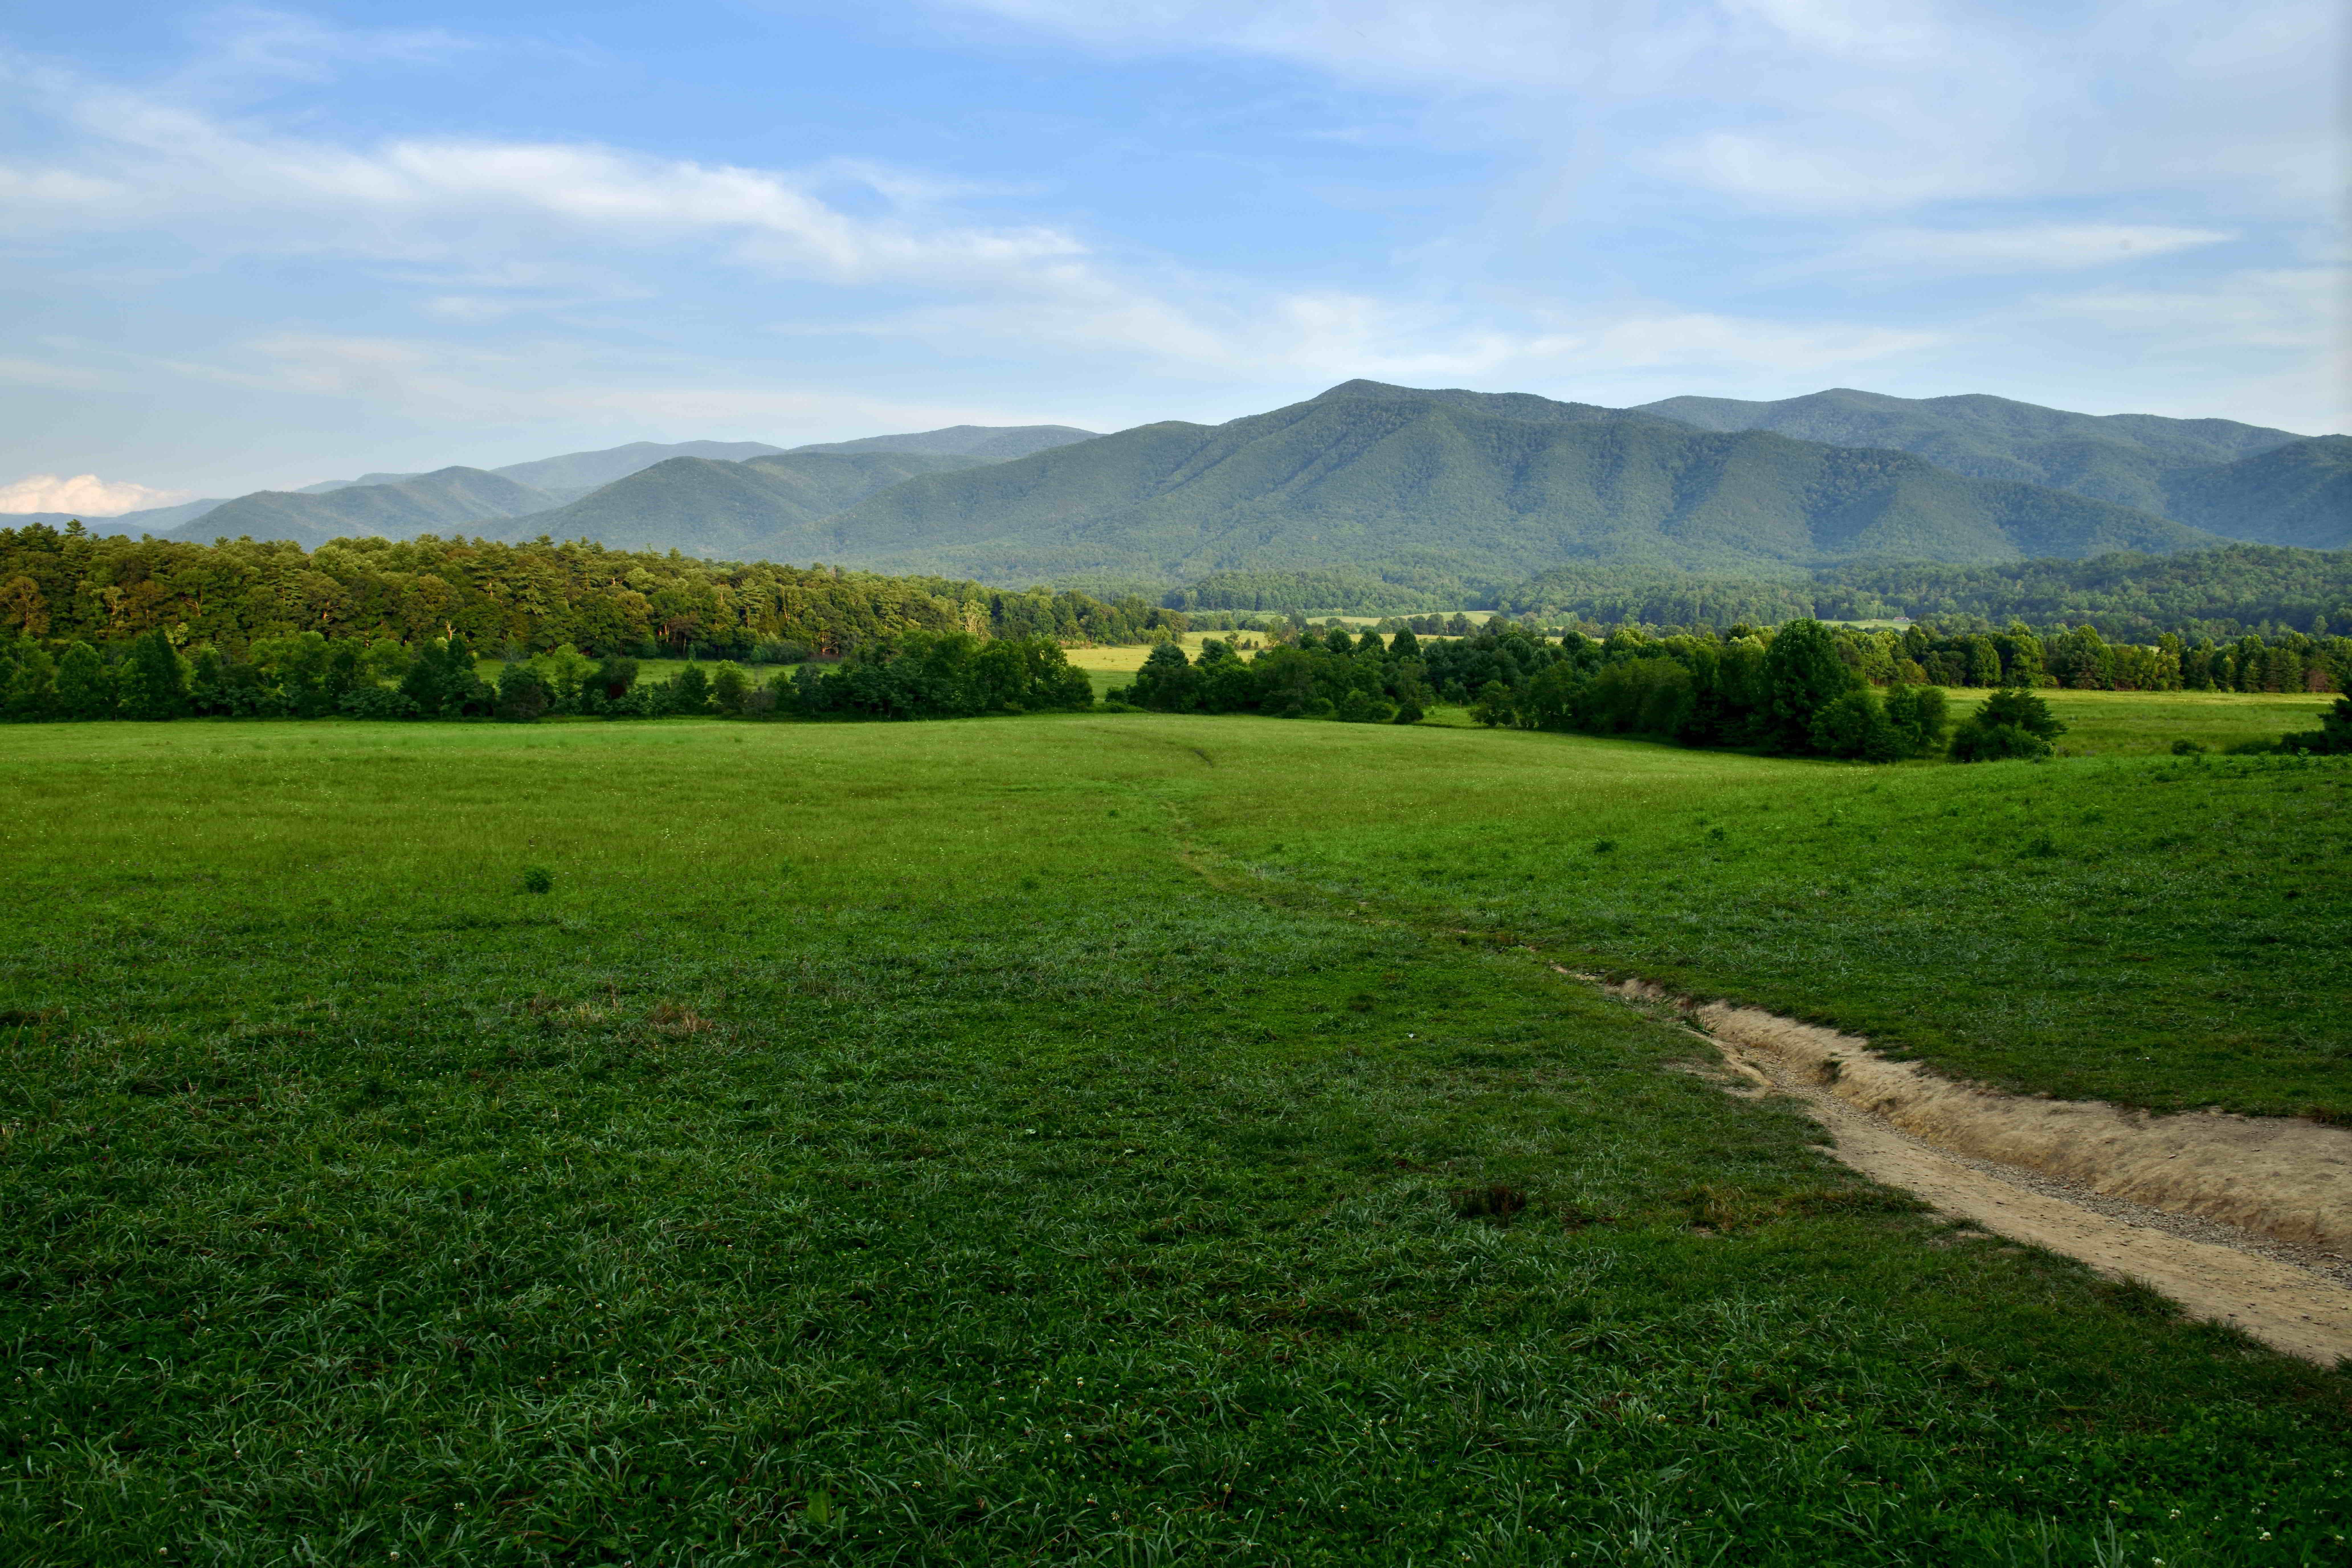 Baileyton KOA to Smoky Mountains National Park